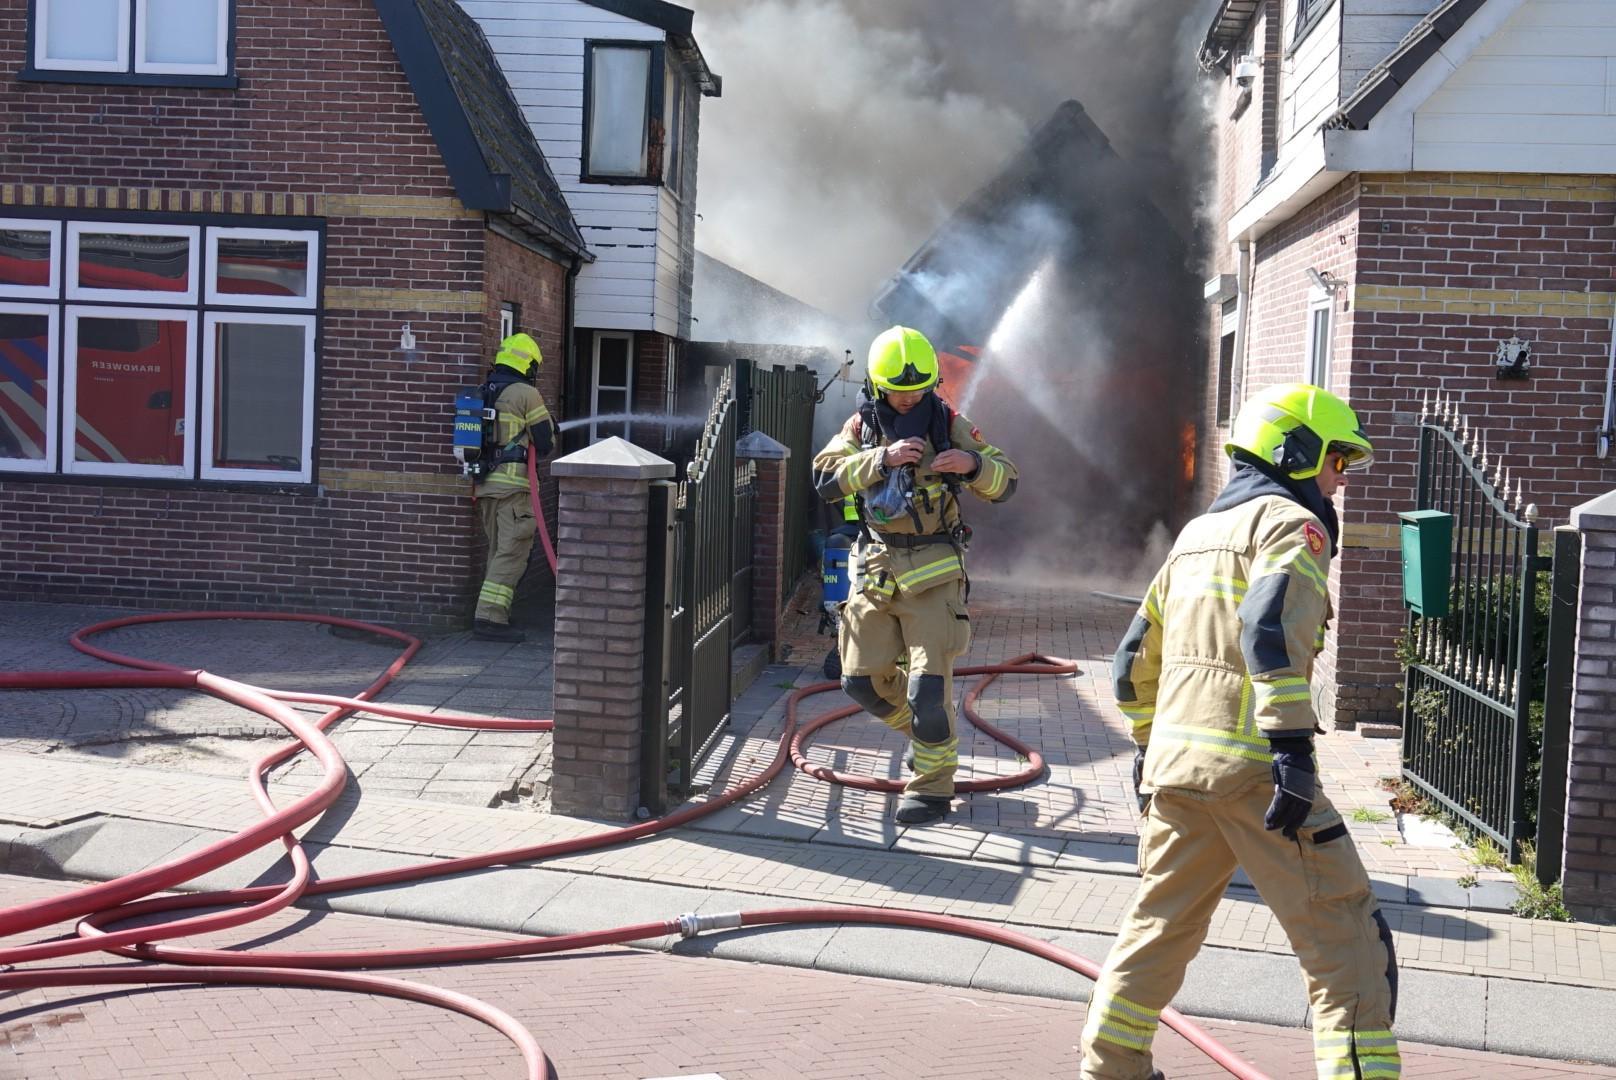 Brandweer redt woningen van vuurzee bij garagebrand in Sint Pancras [video]